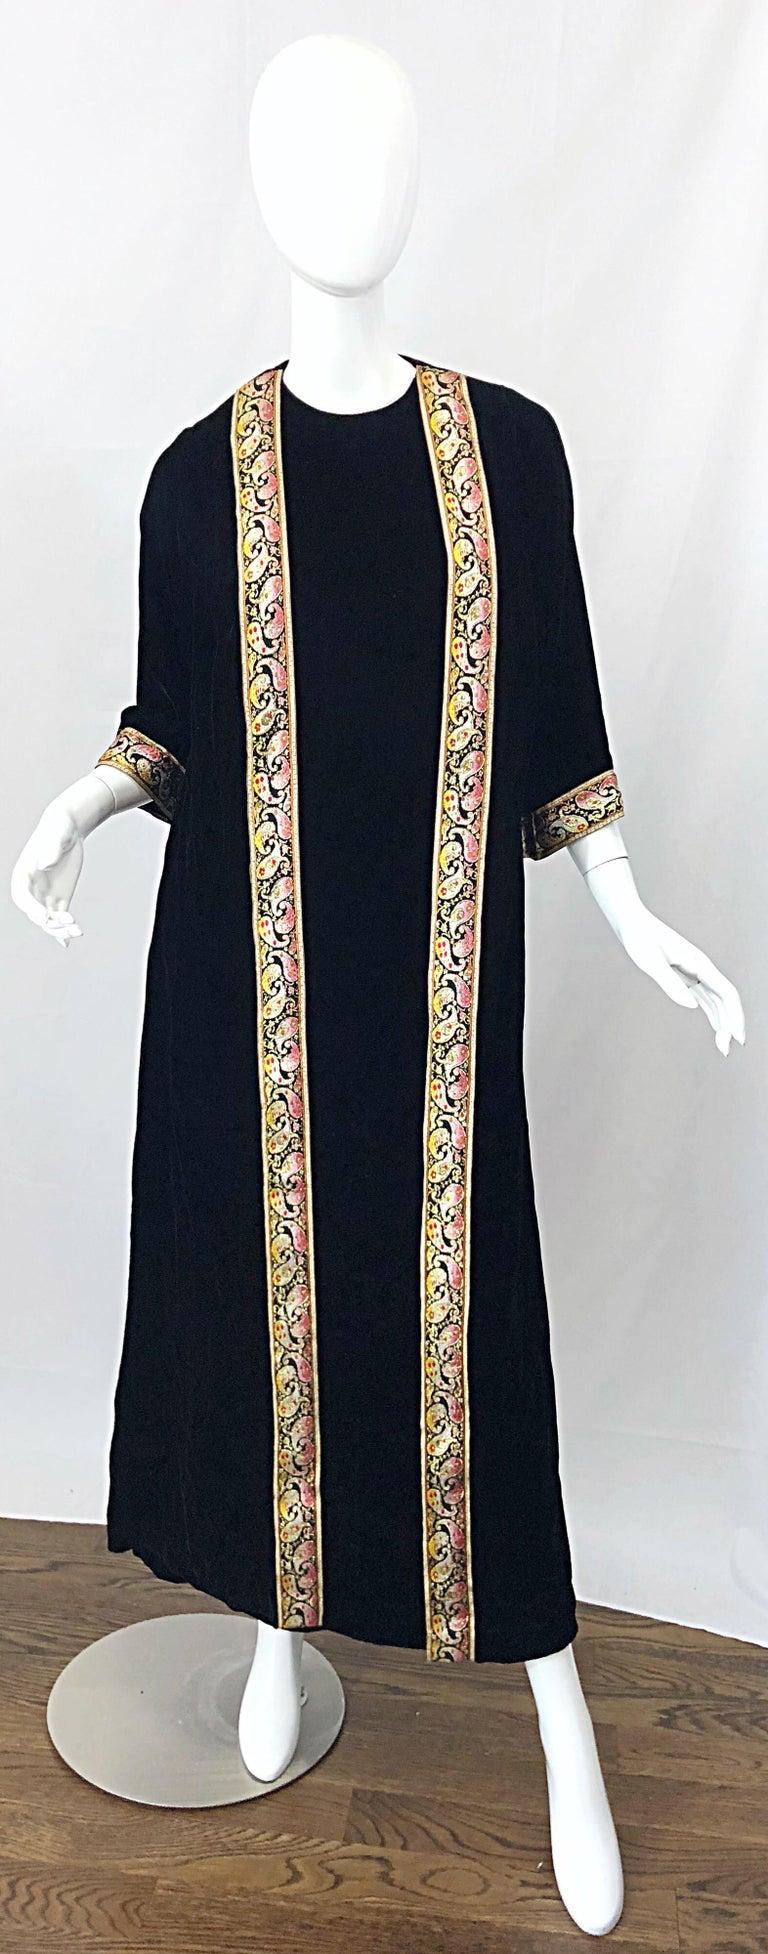 1960s Bonwit Teller Black Velvet Paisley Vintage 60s Moroccan Caftan Maxi Dress For Sale 11